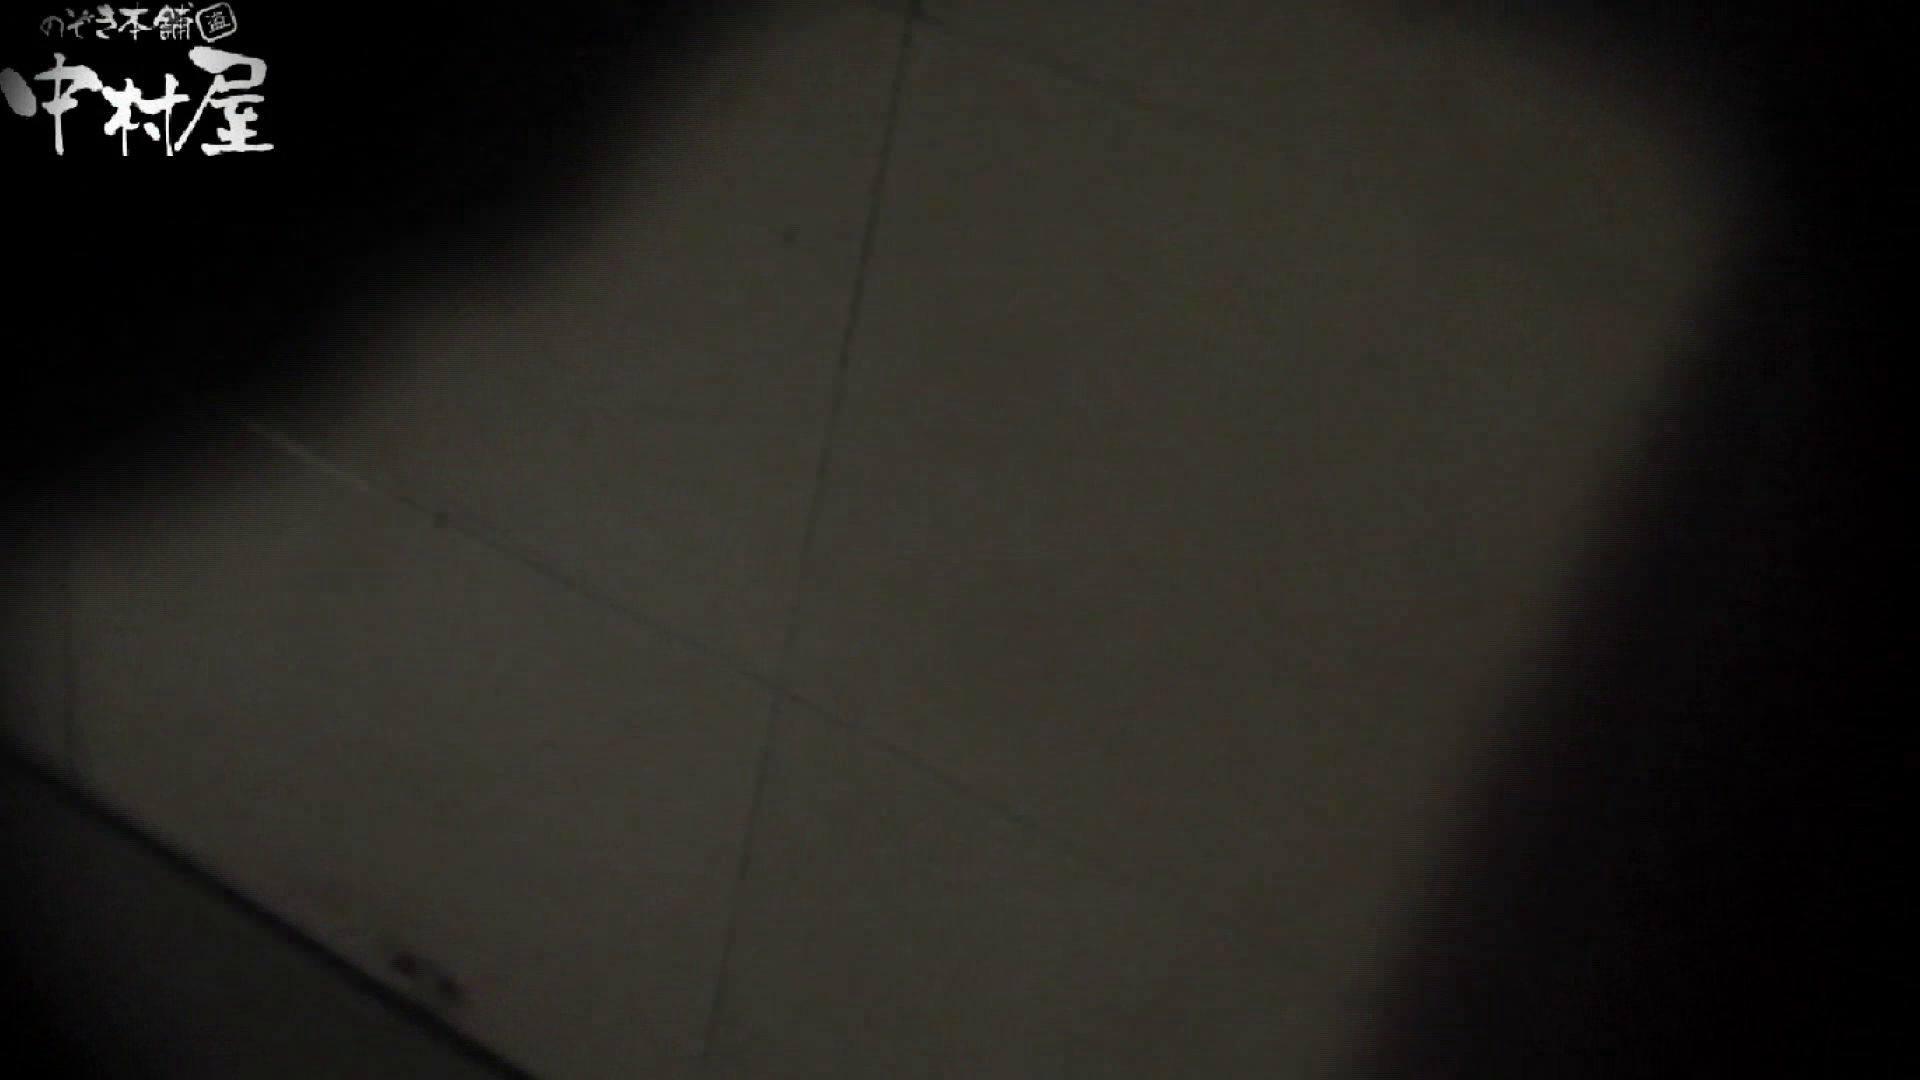 世界の射窓から~ステーション編vol.38 画質格段にUP! おまんこ見放題  94PIX 4